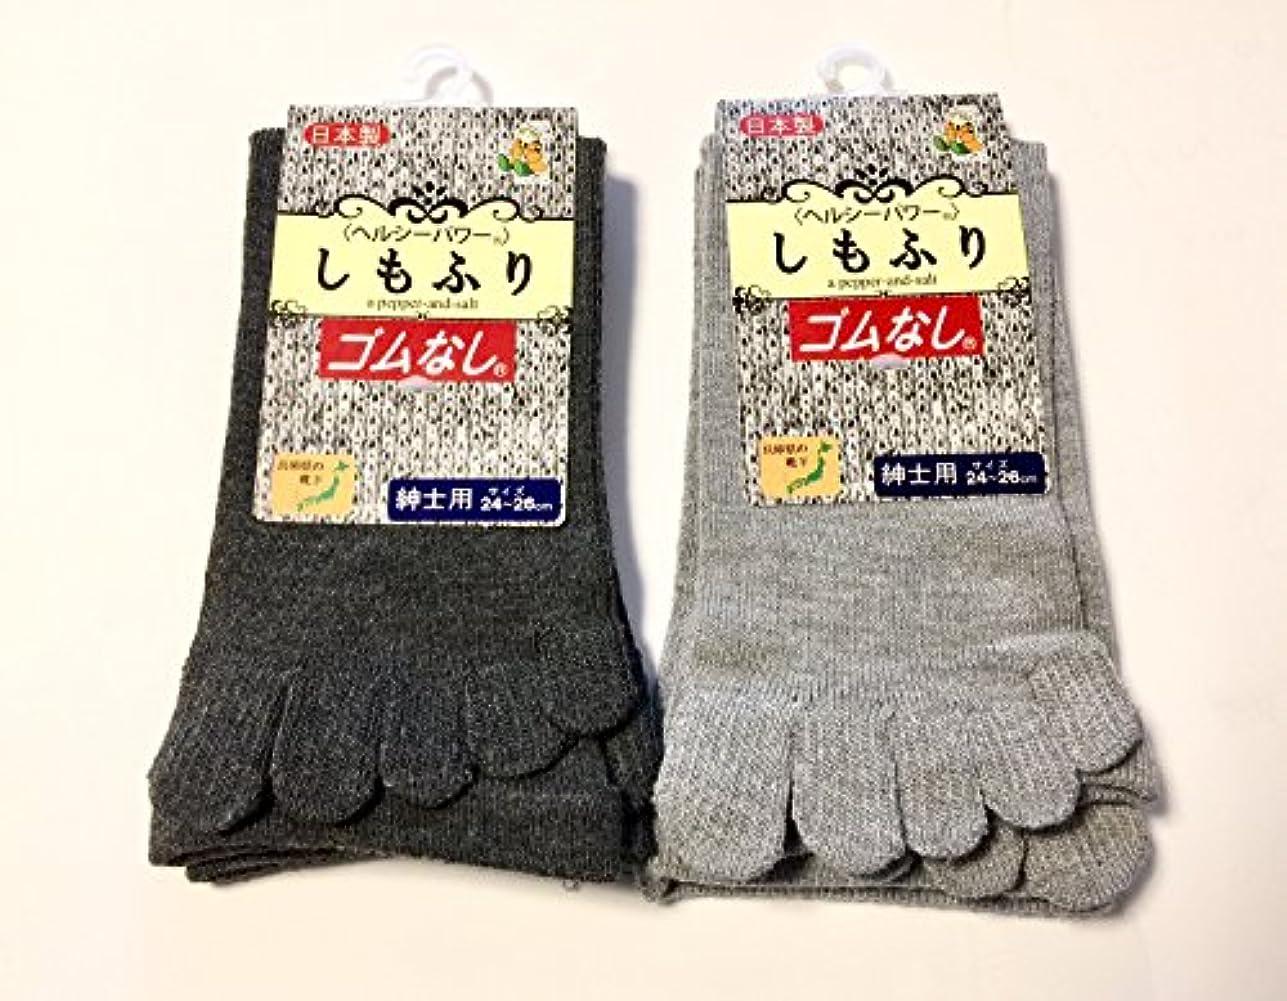 宿る動くリファイン5本指ソックス メンズ 日本製 口ゴムなし しめつけない靴下 24~26cm 2色2足組